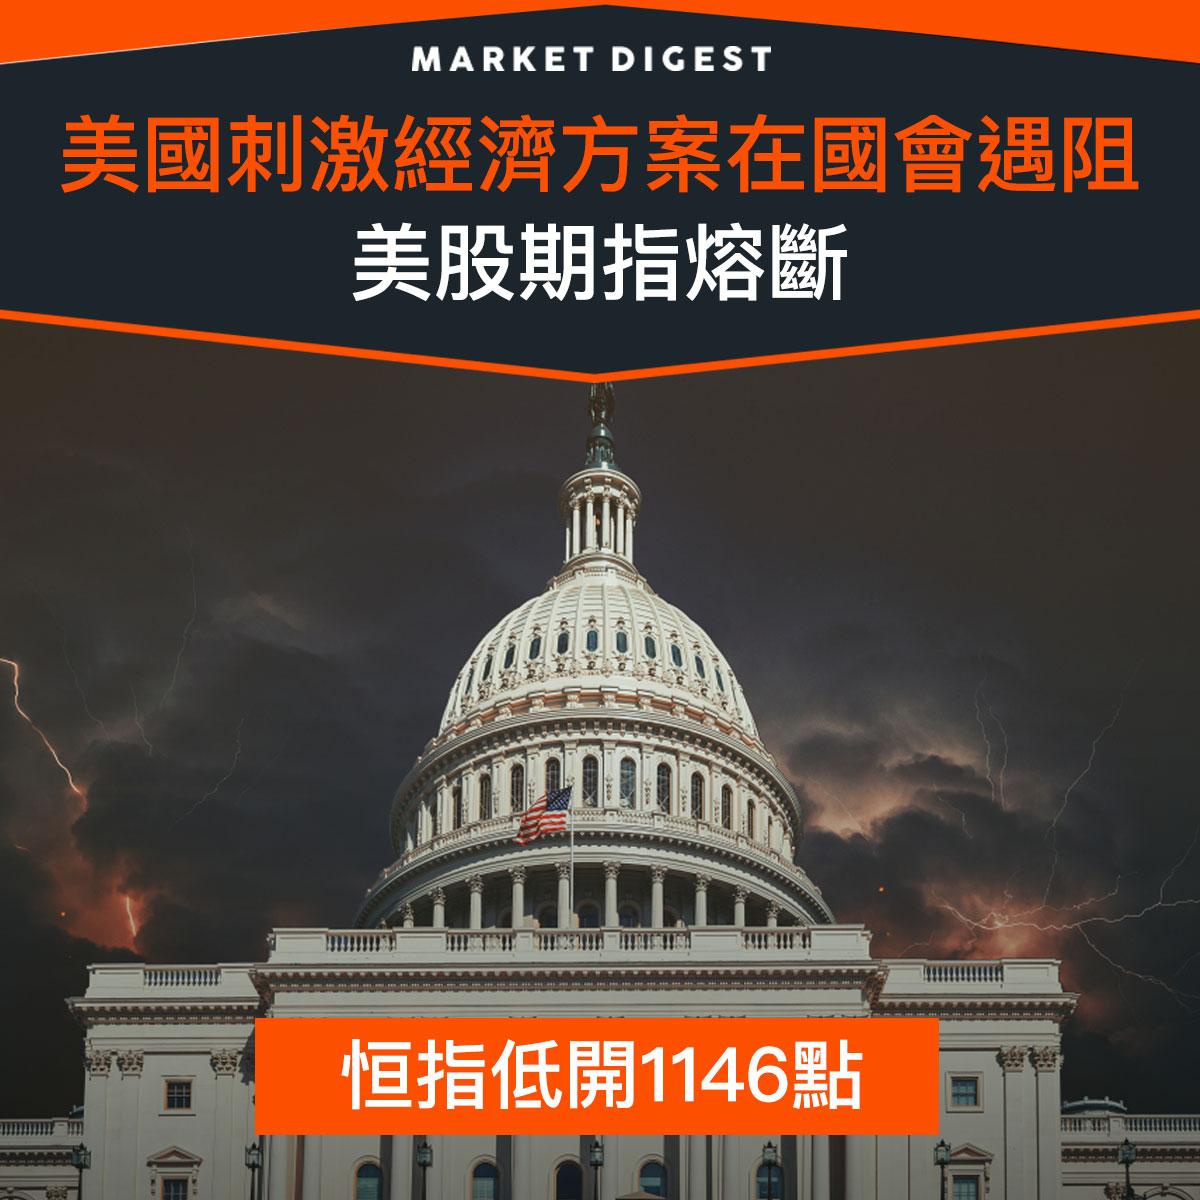 【市場熱話】美國刺激經濟方案在國會遇阻,美股期指熔斷